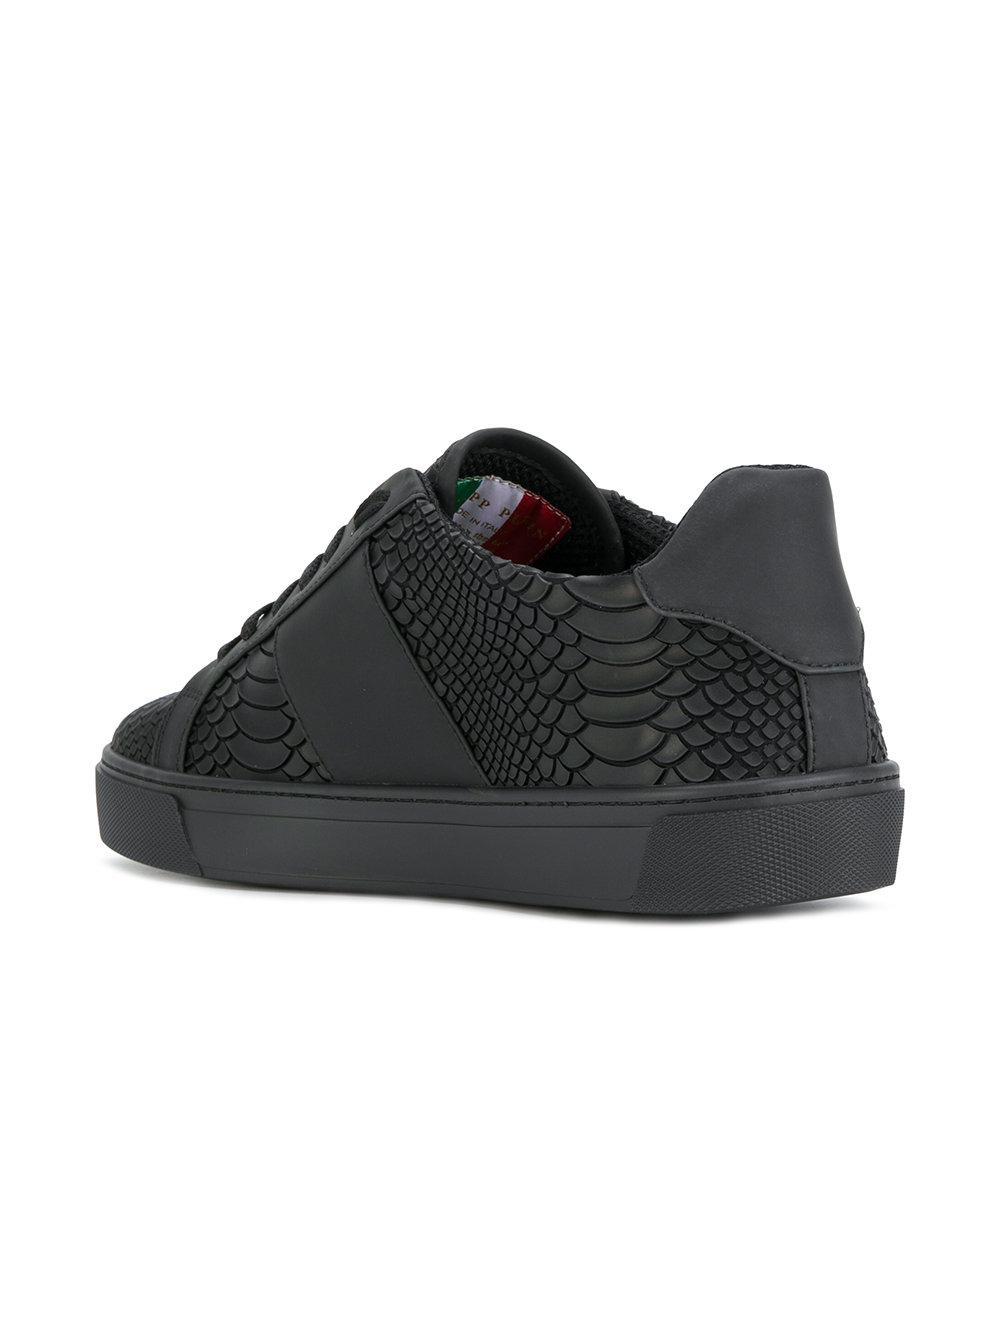 e2543677f39 Philipp Plein Talk Slow Sneakers in Black for Men - Lyst